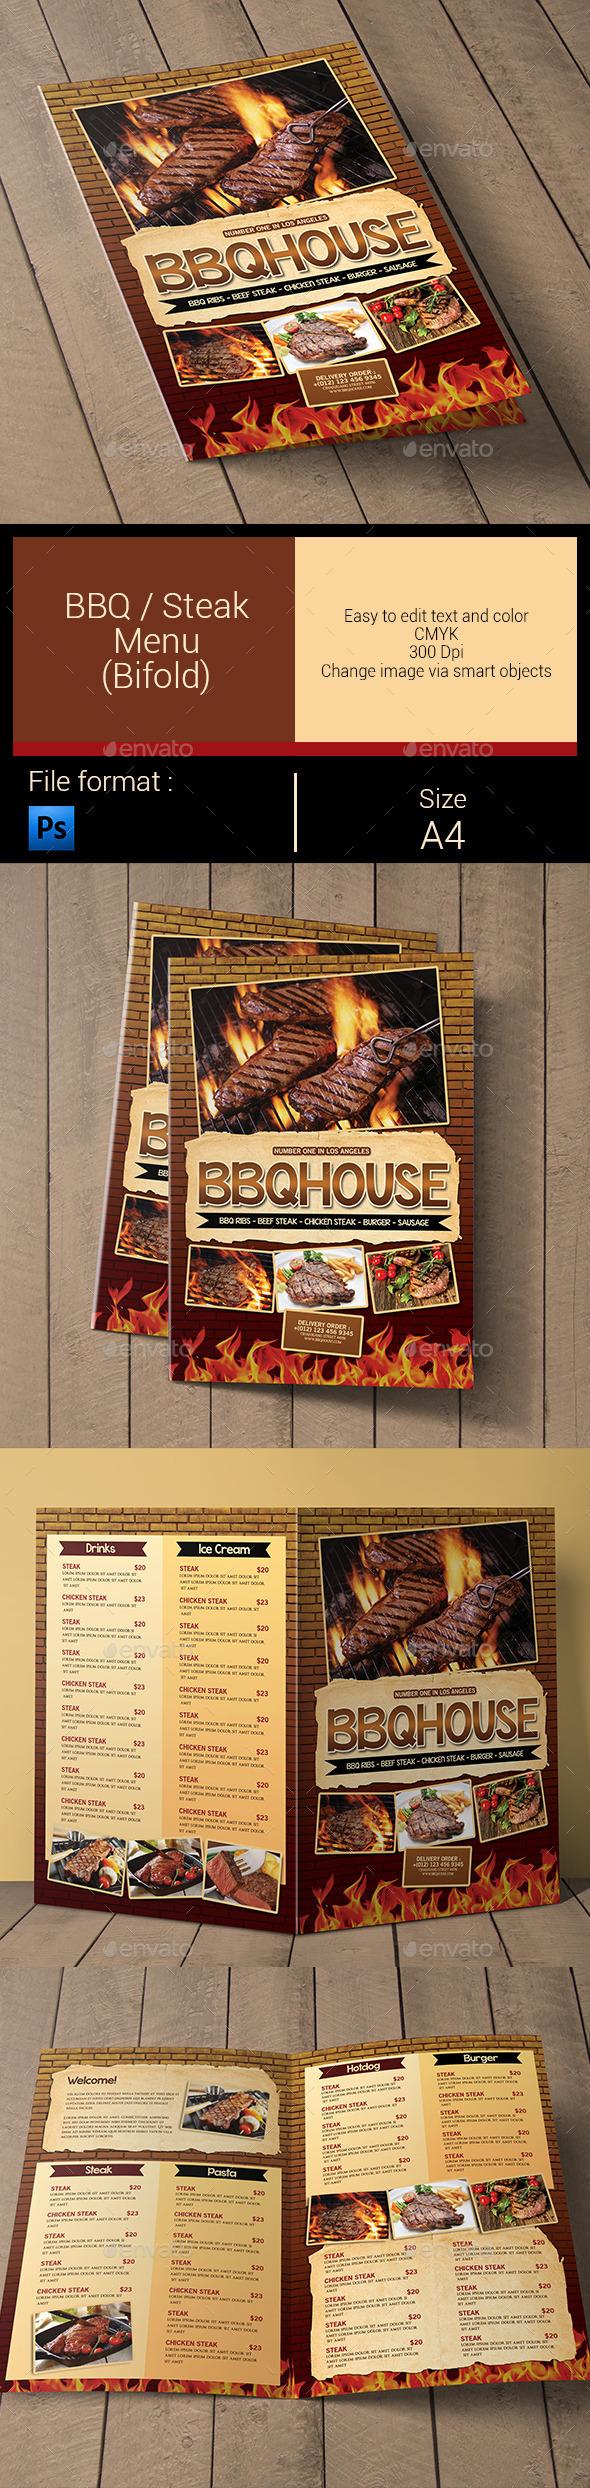 BBQ / Steak Menu Bifold - Food Menus Print Templates